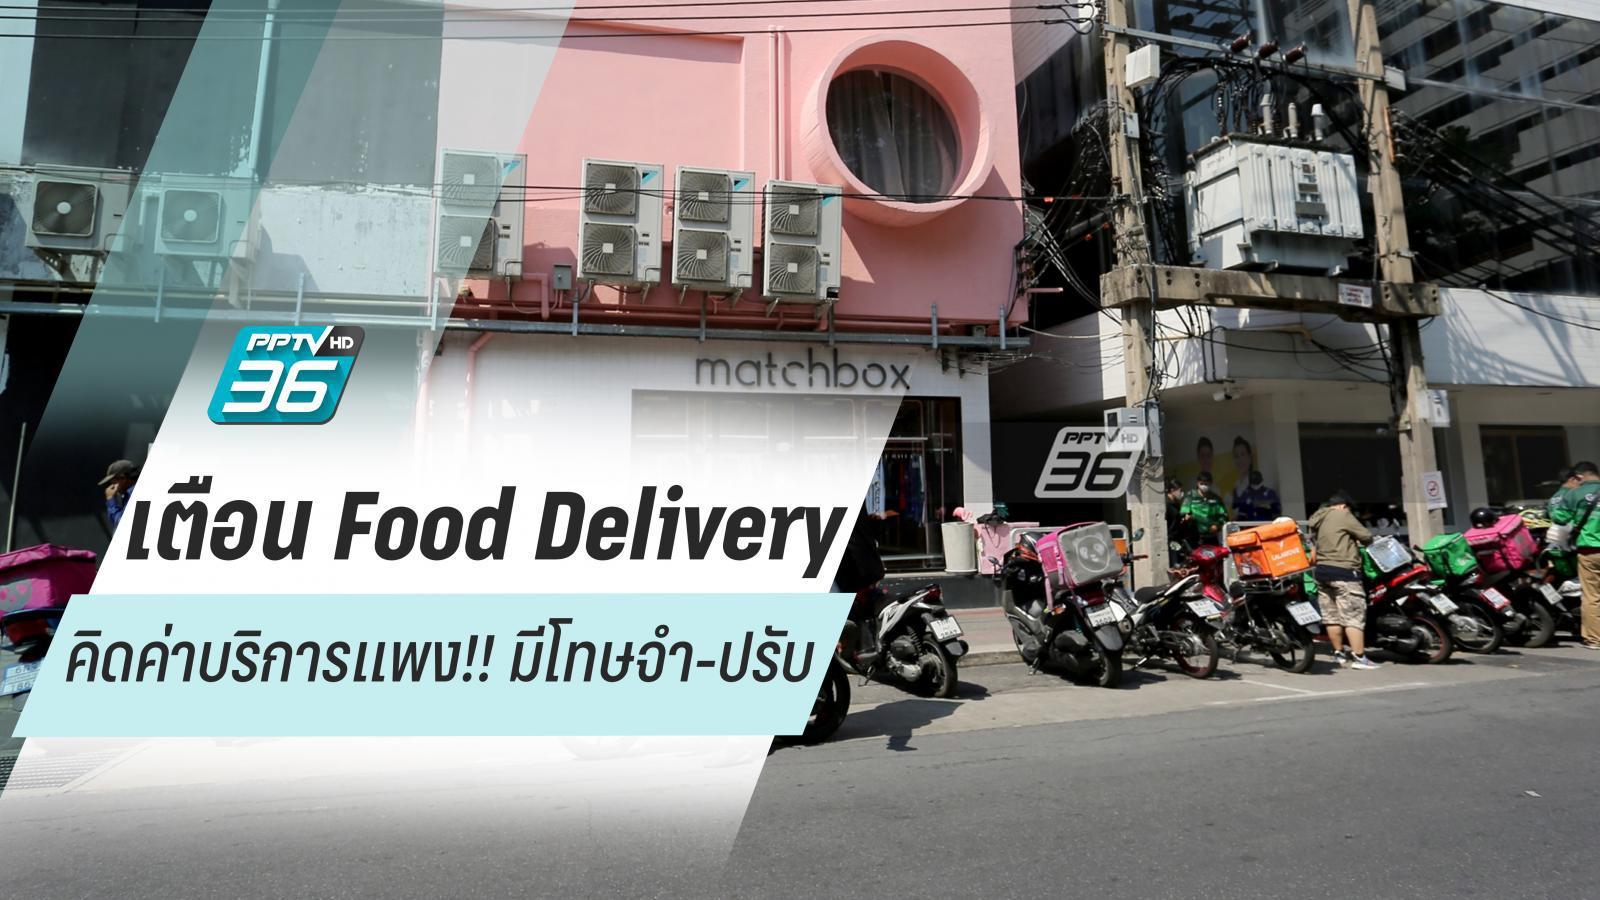 เตือน Food Delivery คิดค่าบริการจากร้านอาหารแพงกว่าเดิม มีโทษจำปรับ